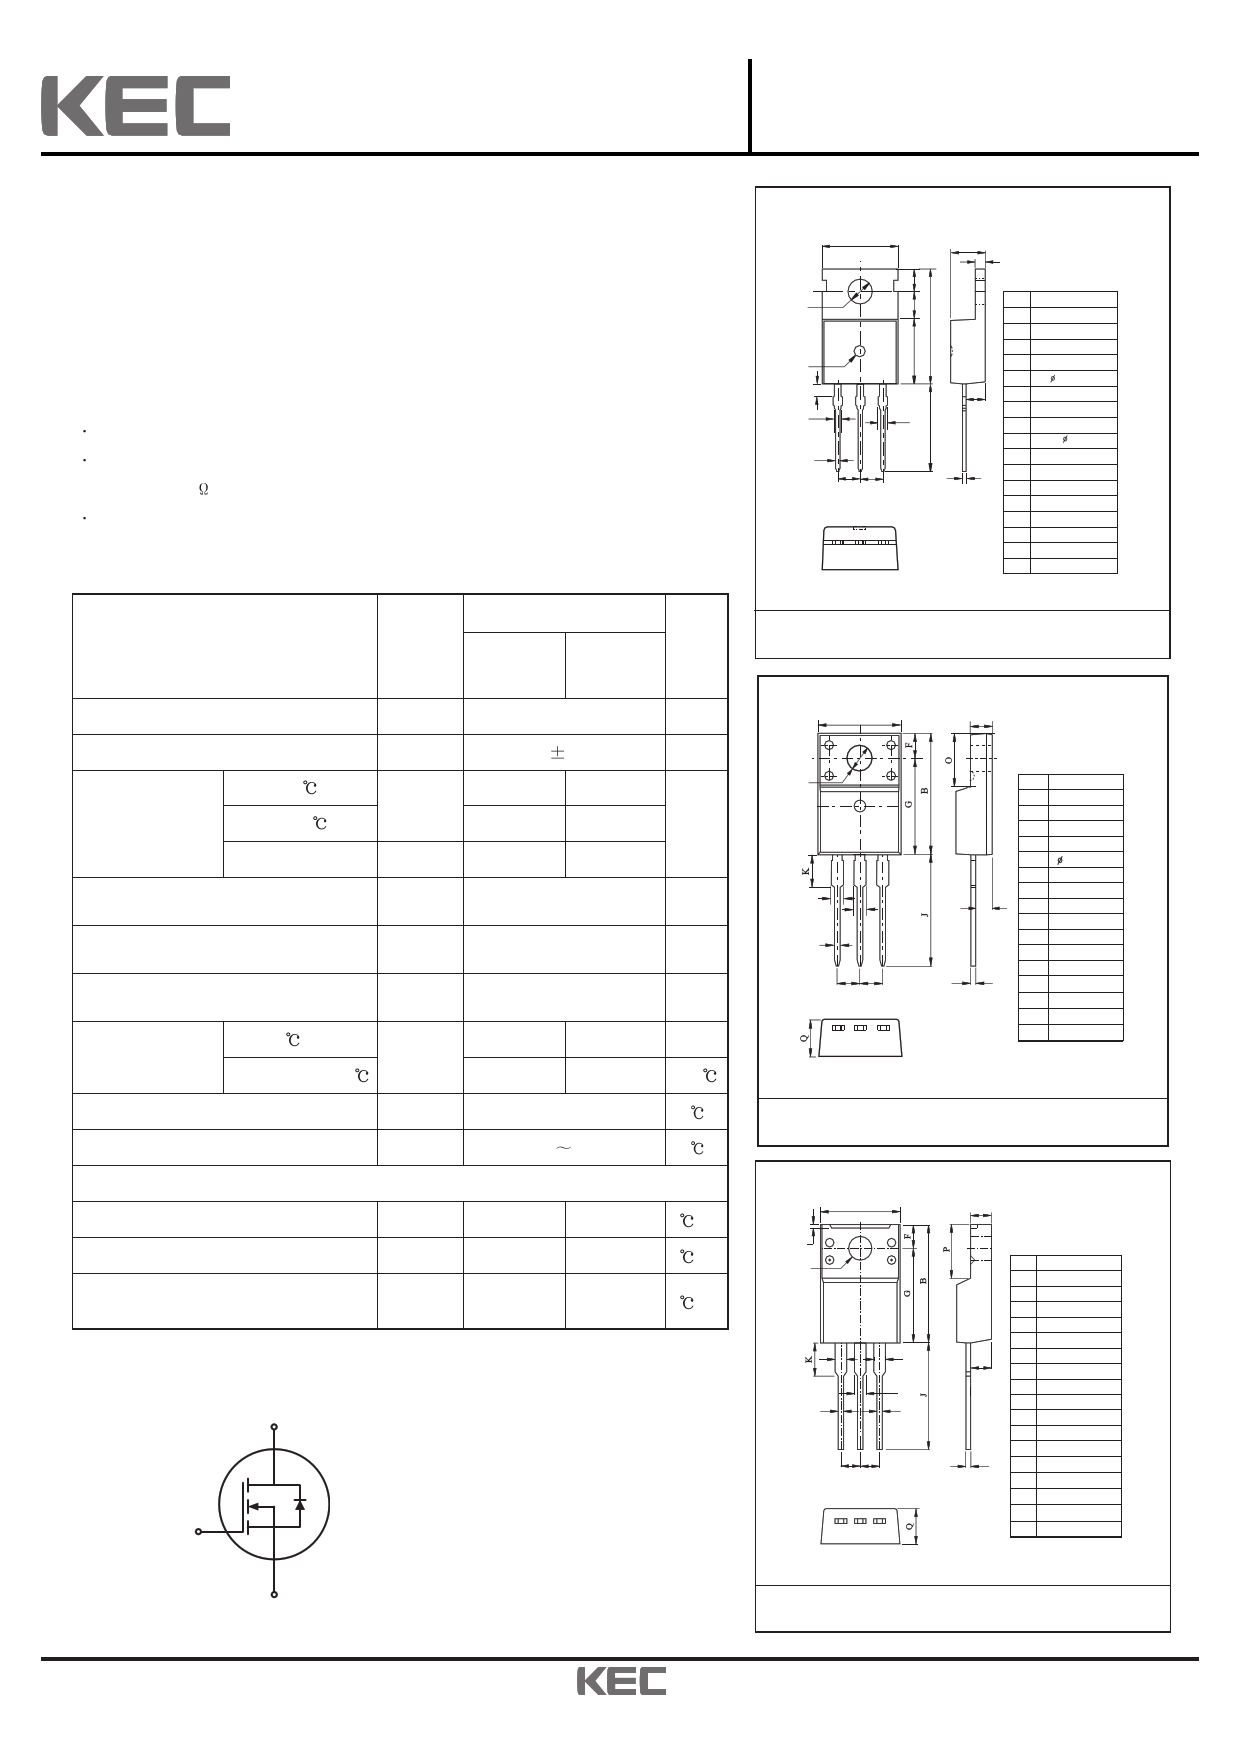 011N40P1 Hoja de datos, Descripción, Manual